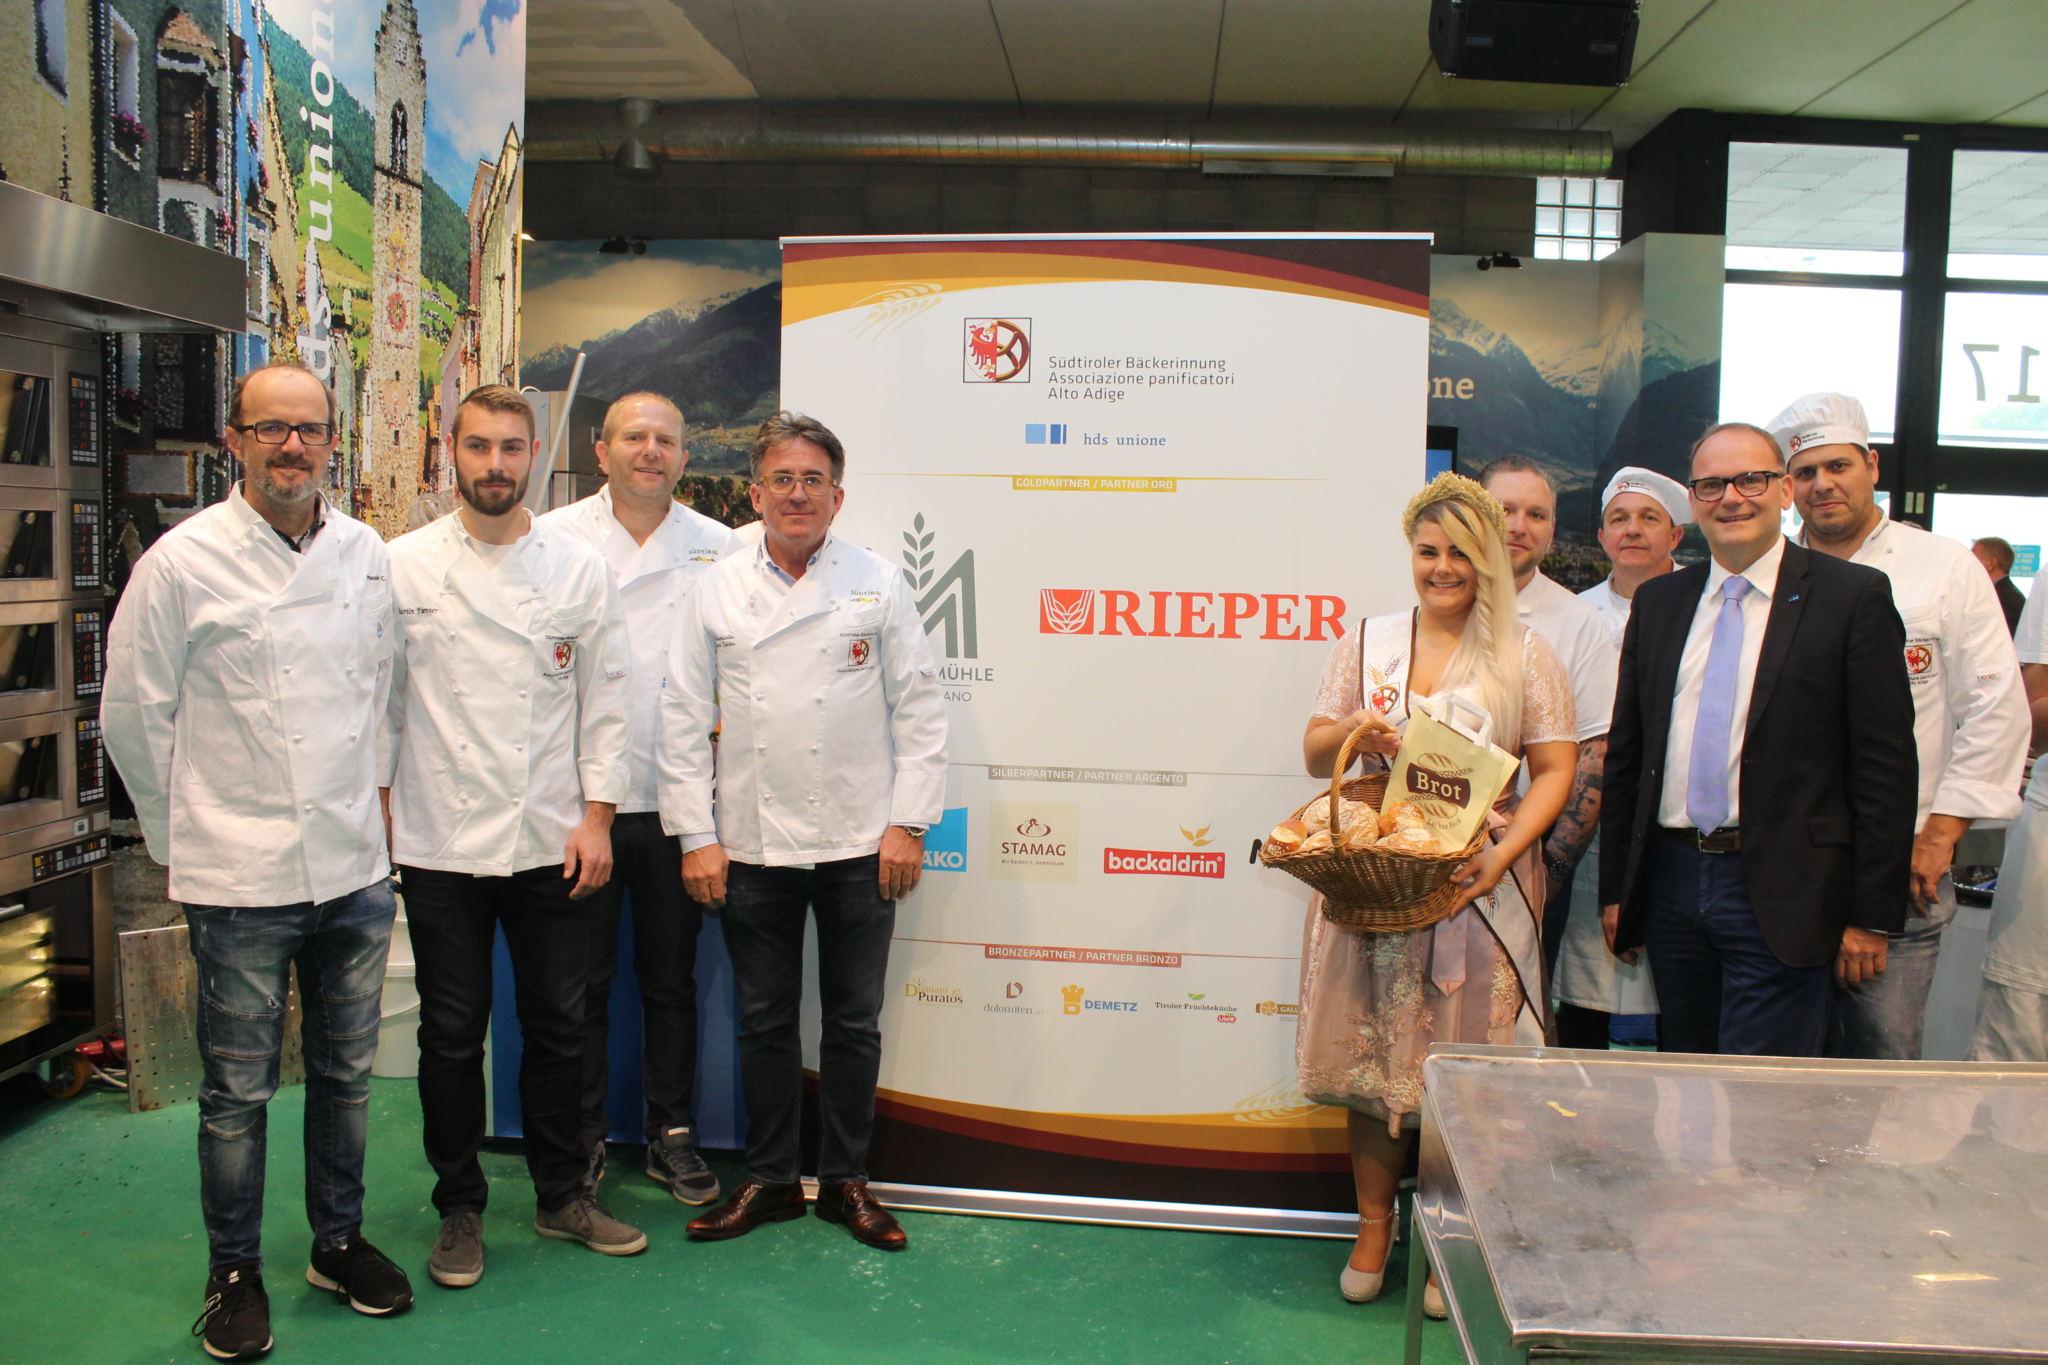 Generalversammlung der Bäckerinnung im hds